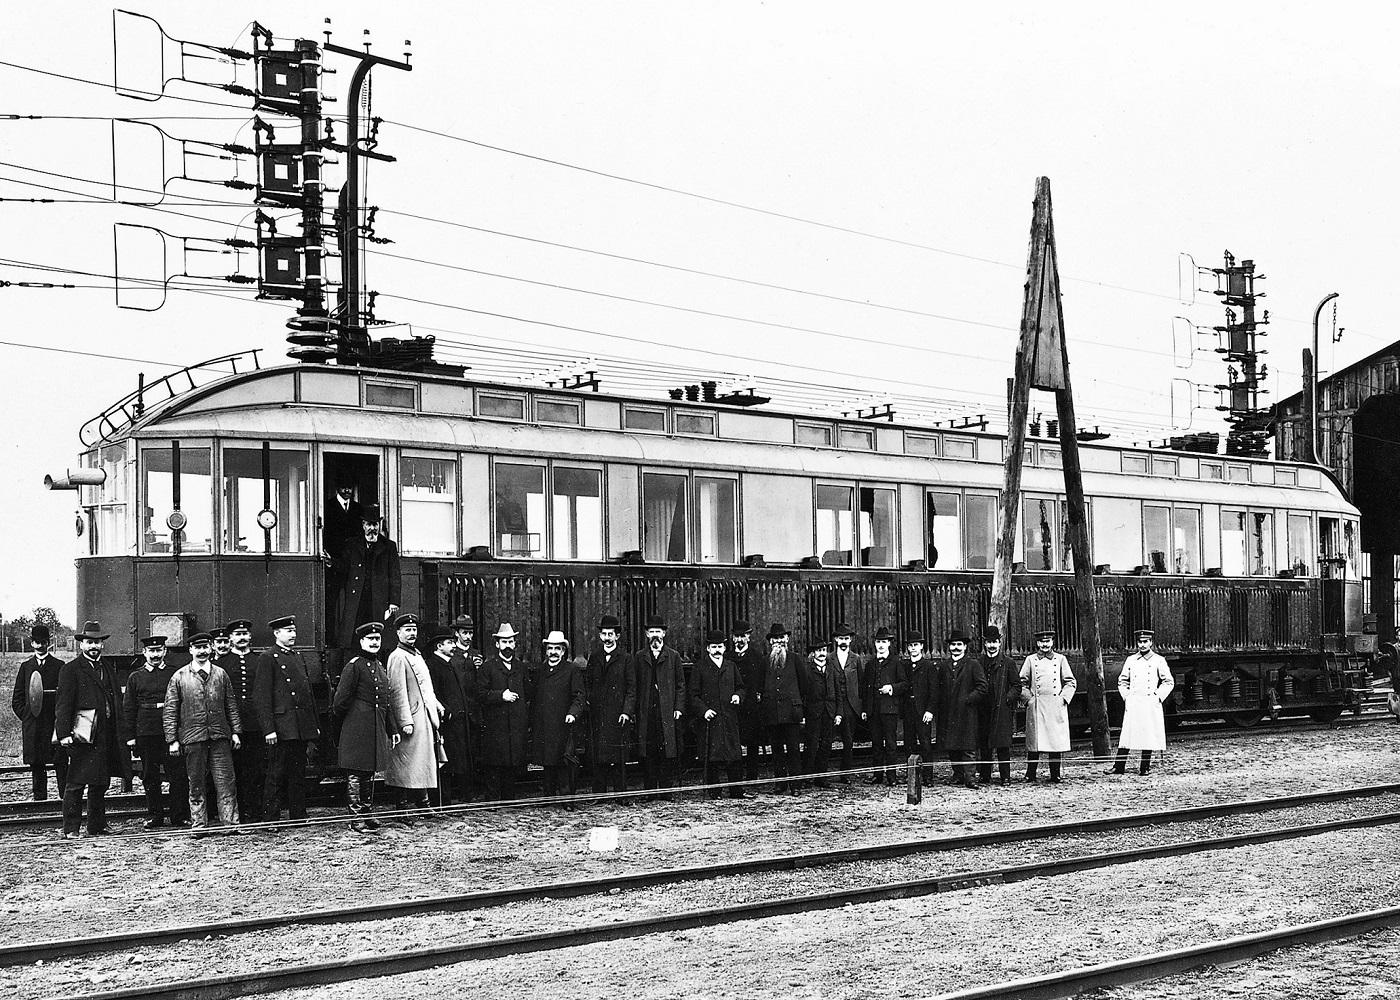 Siemens_Drehstromtriebwagen.jpg